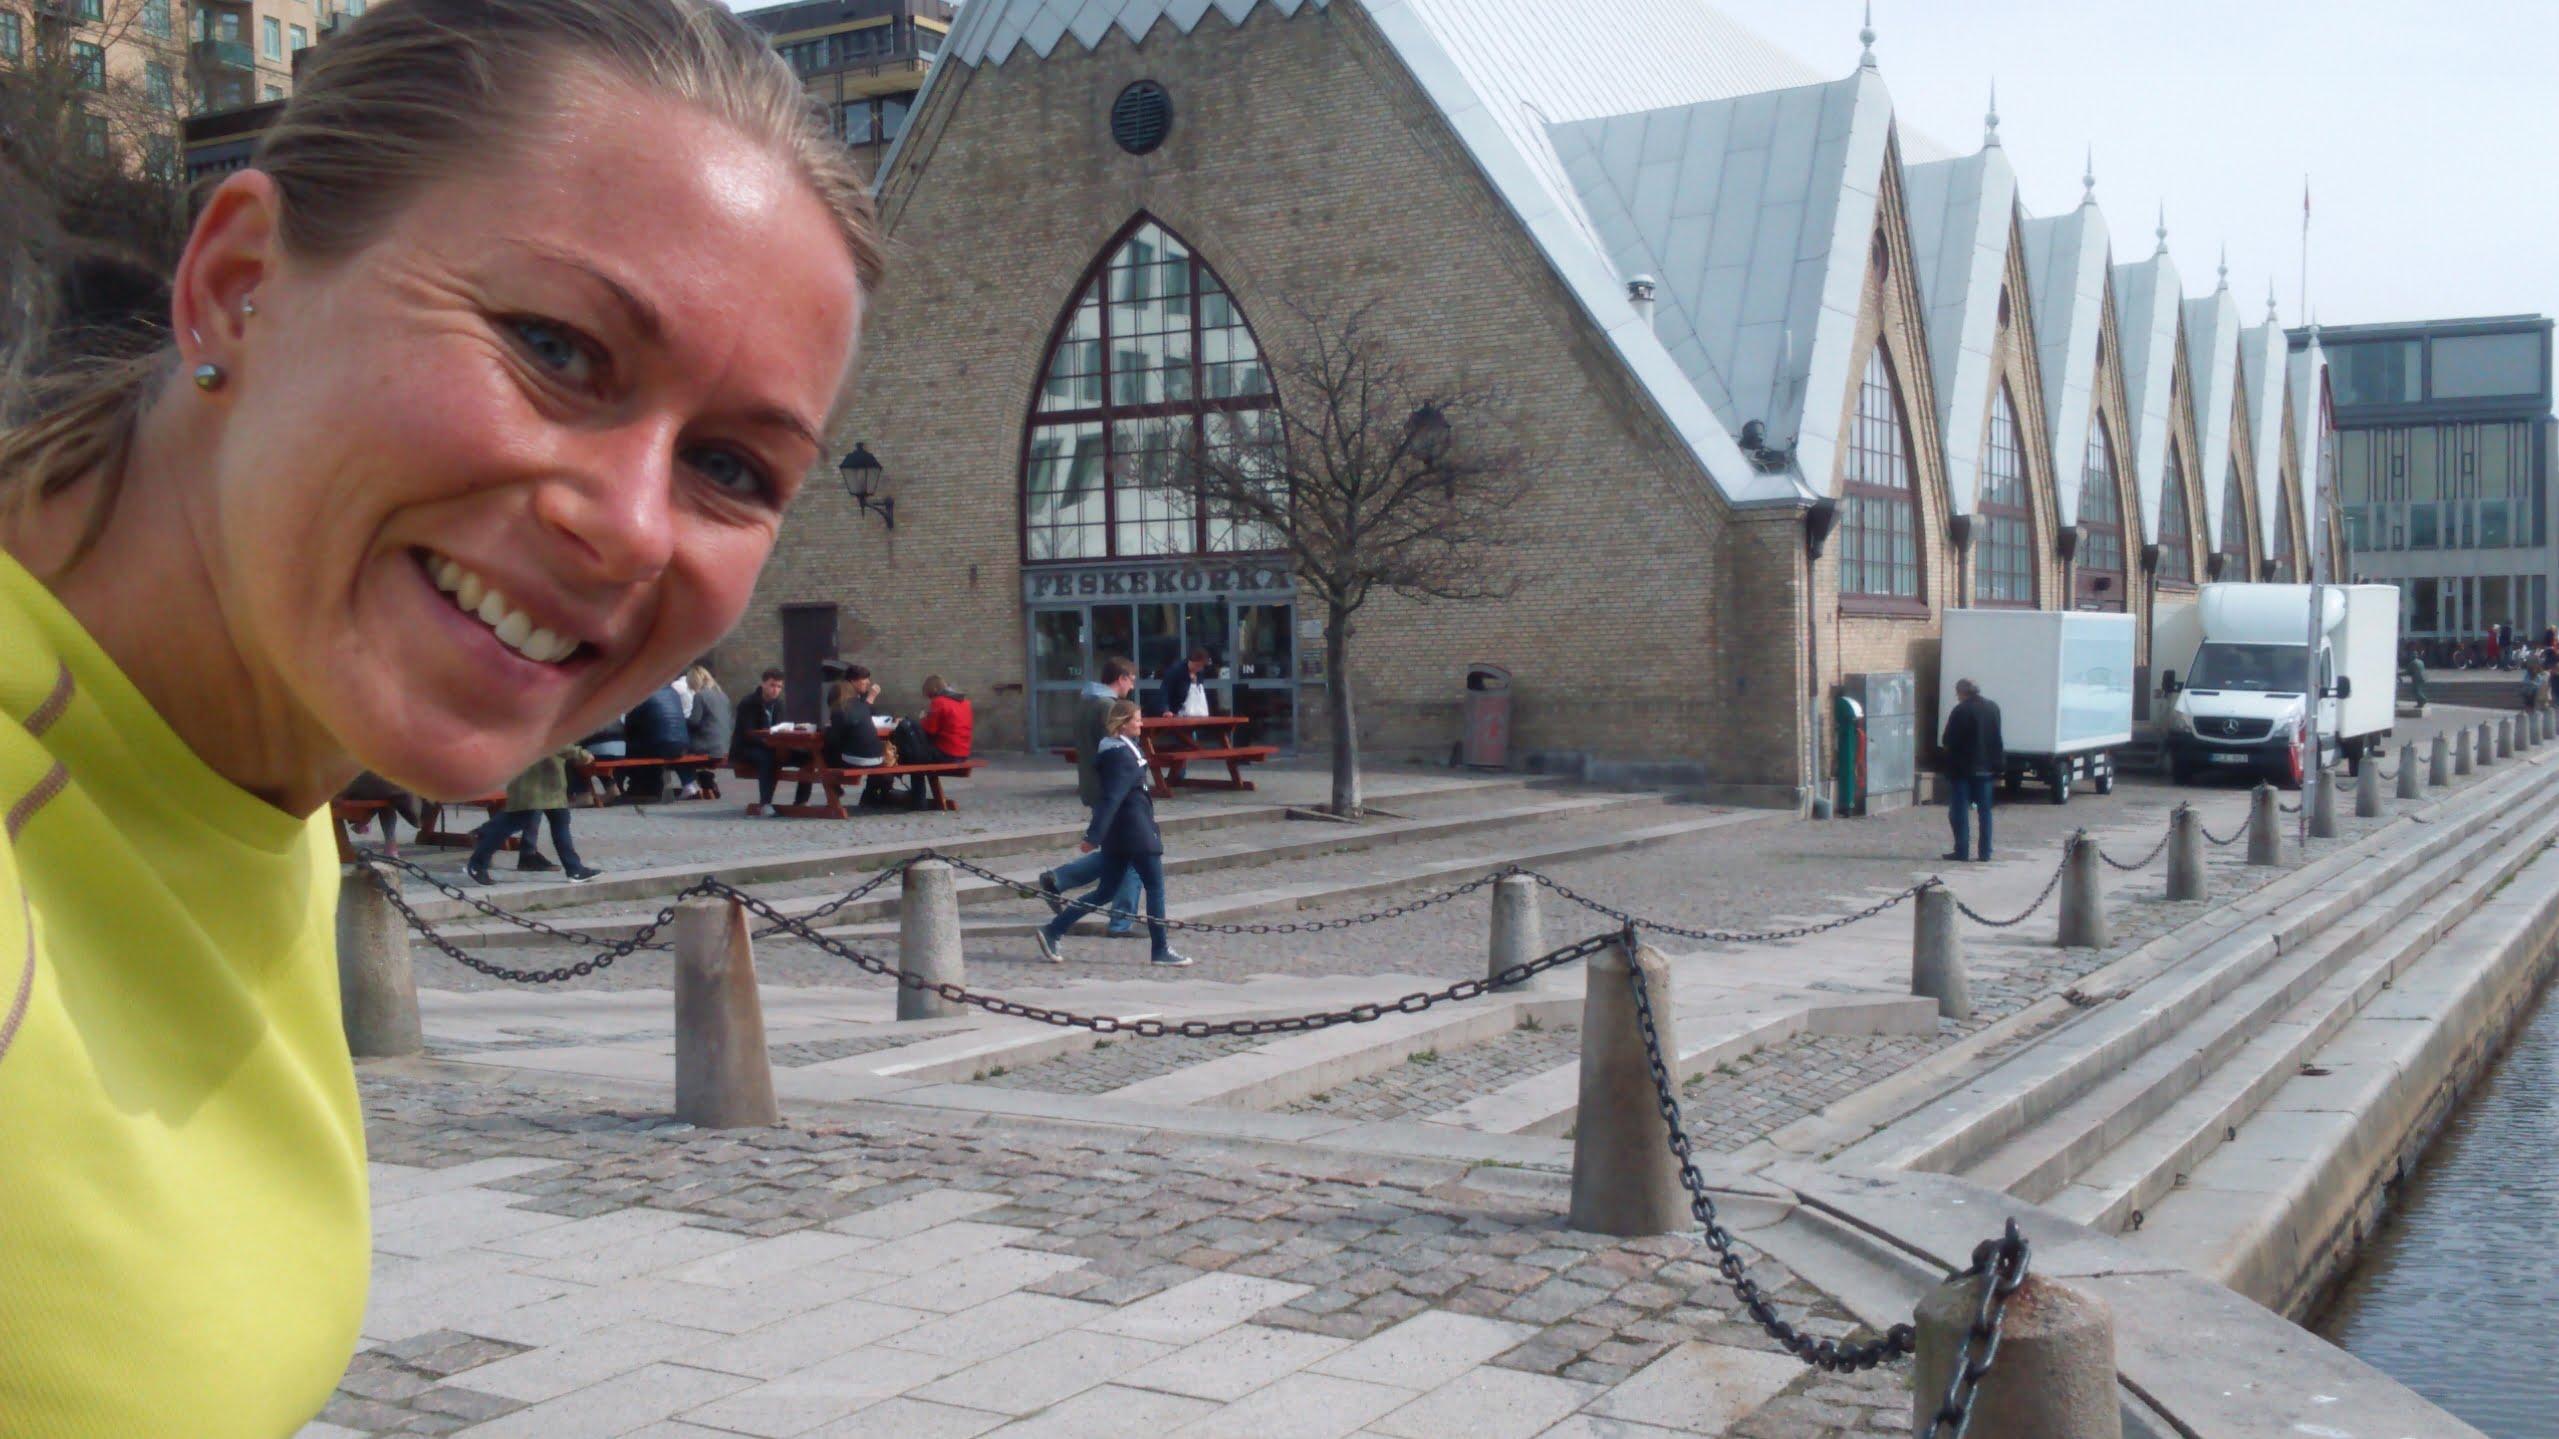 Tåget gick vidare mot Göteborg och efter att ha fått lämna väskan på en restaurang tog jag en löprunda förbi Fiskekyrkan och några svängar i Slottsskogen. Raggardusch på toaletten och lunch med Linda som jag inte träffat på länge innan jag tog bussen till Sisjön.